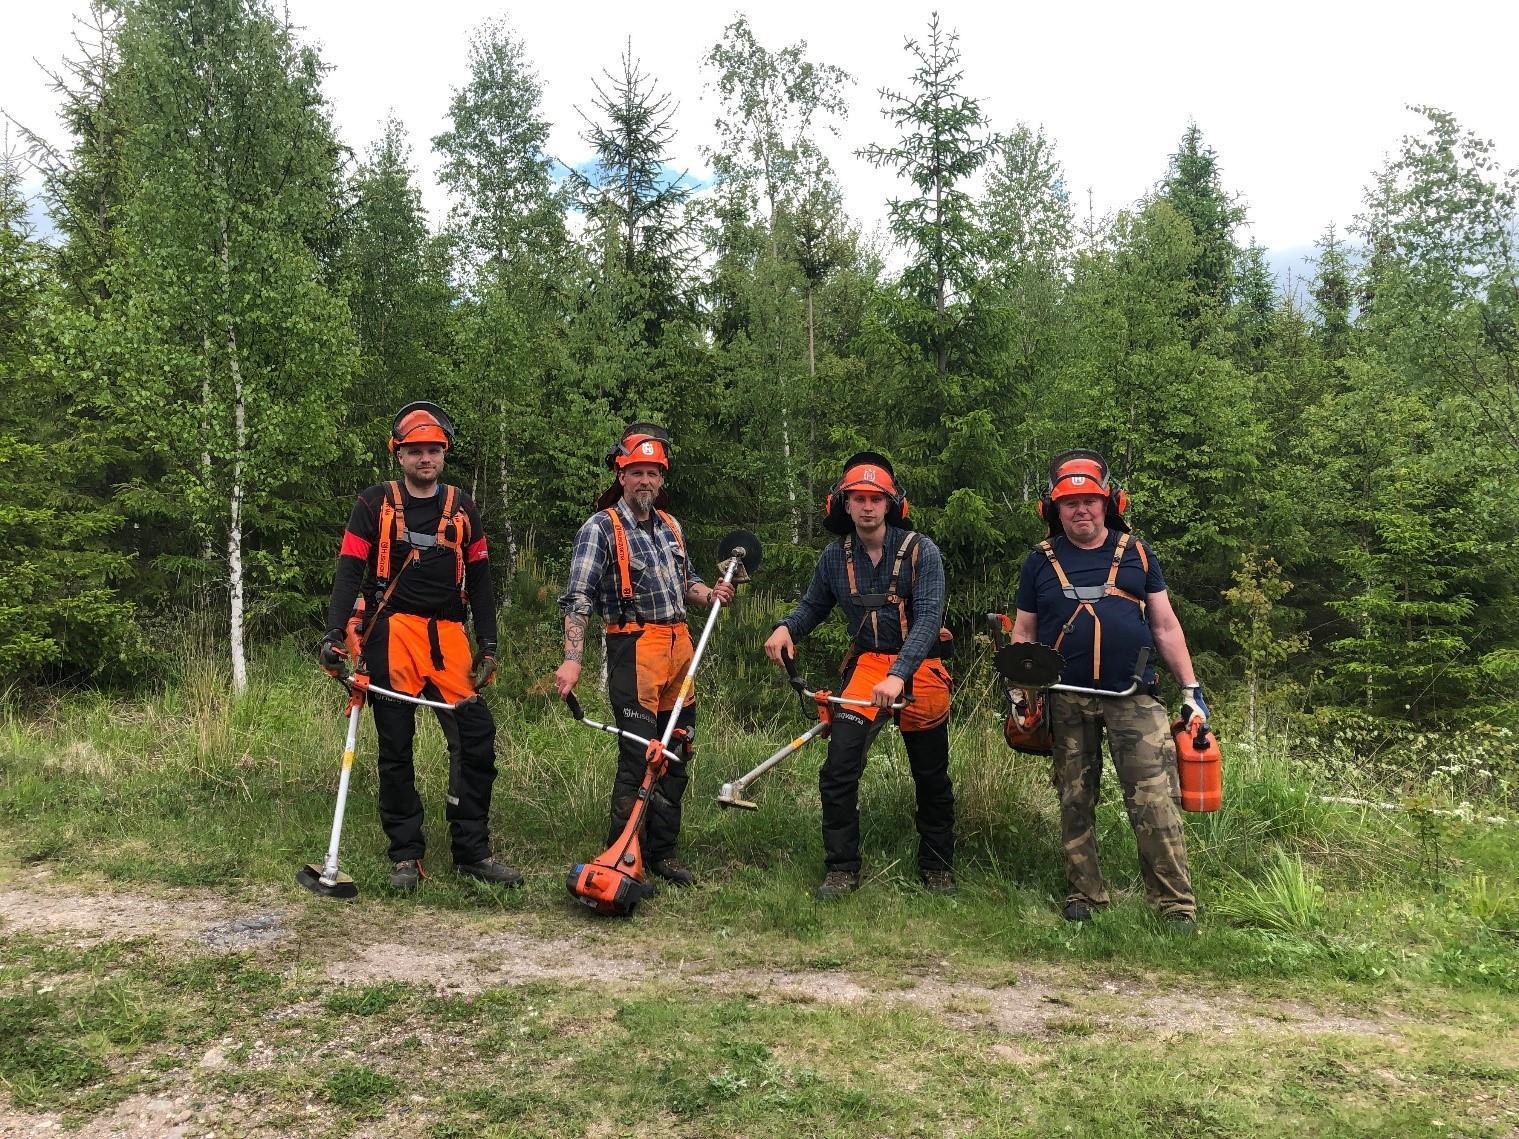 Hej hej, hälsningar från Fredrik, Magnus, Mikael, Björn & Jonas (ej med på bild)